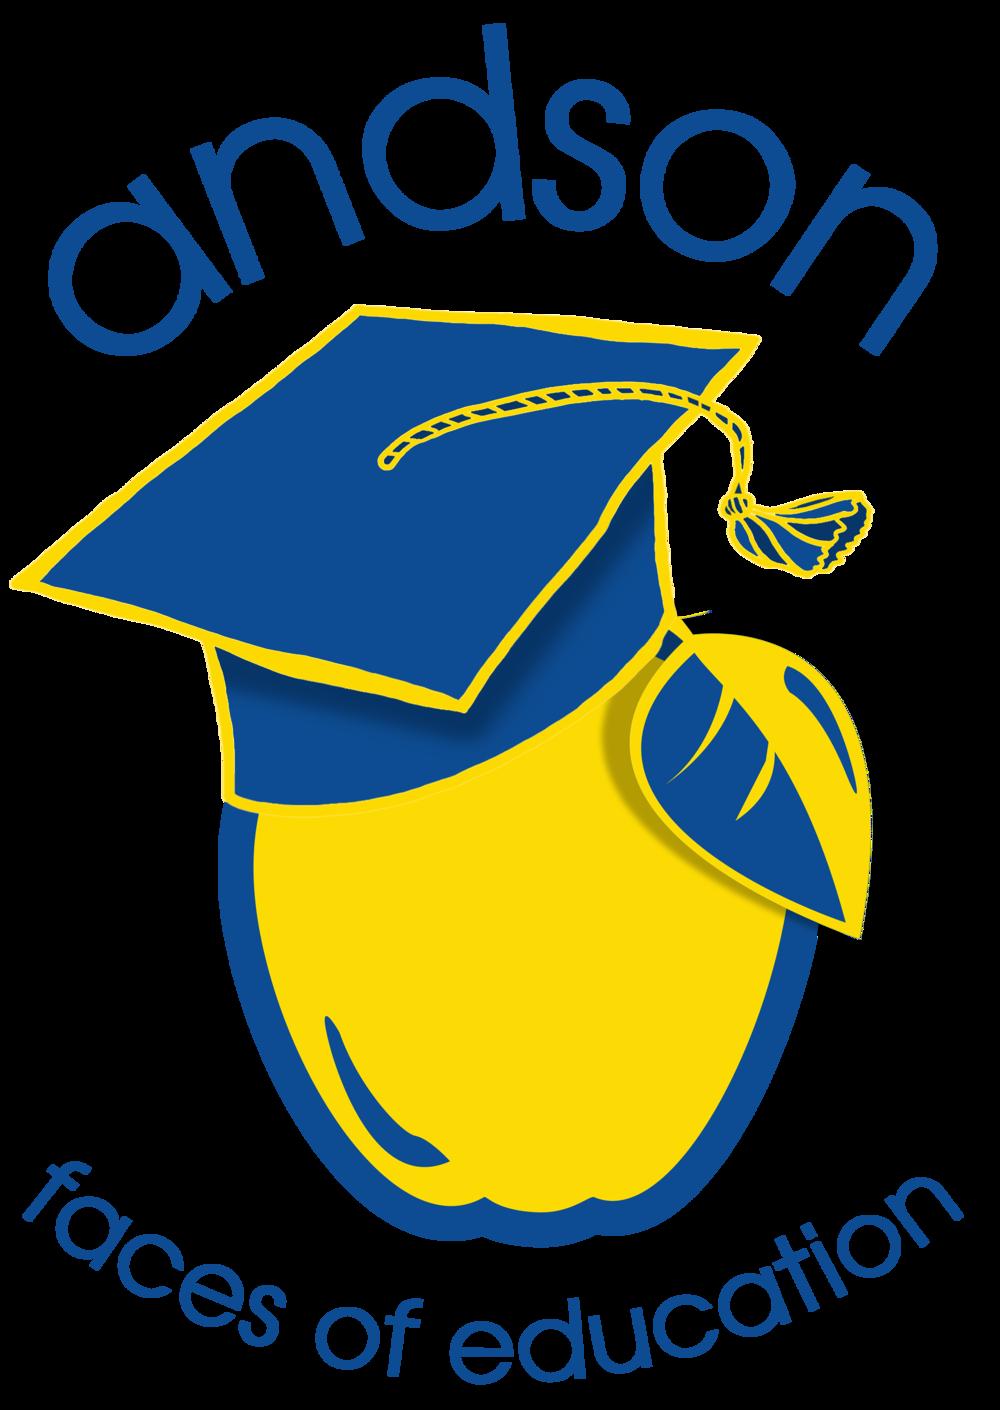 AndsonFOF_Logo_HAT.png